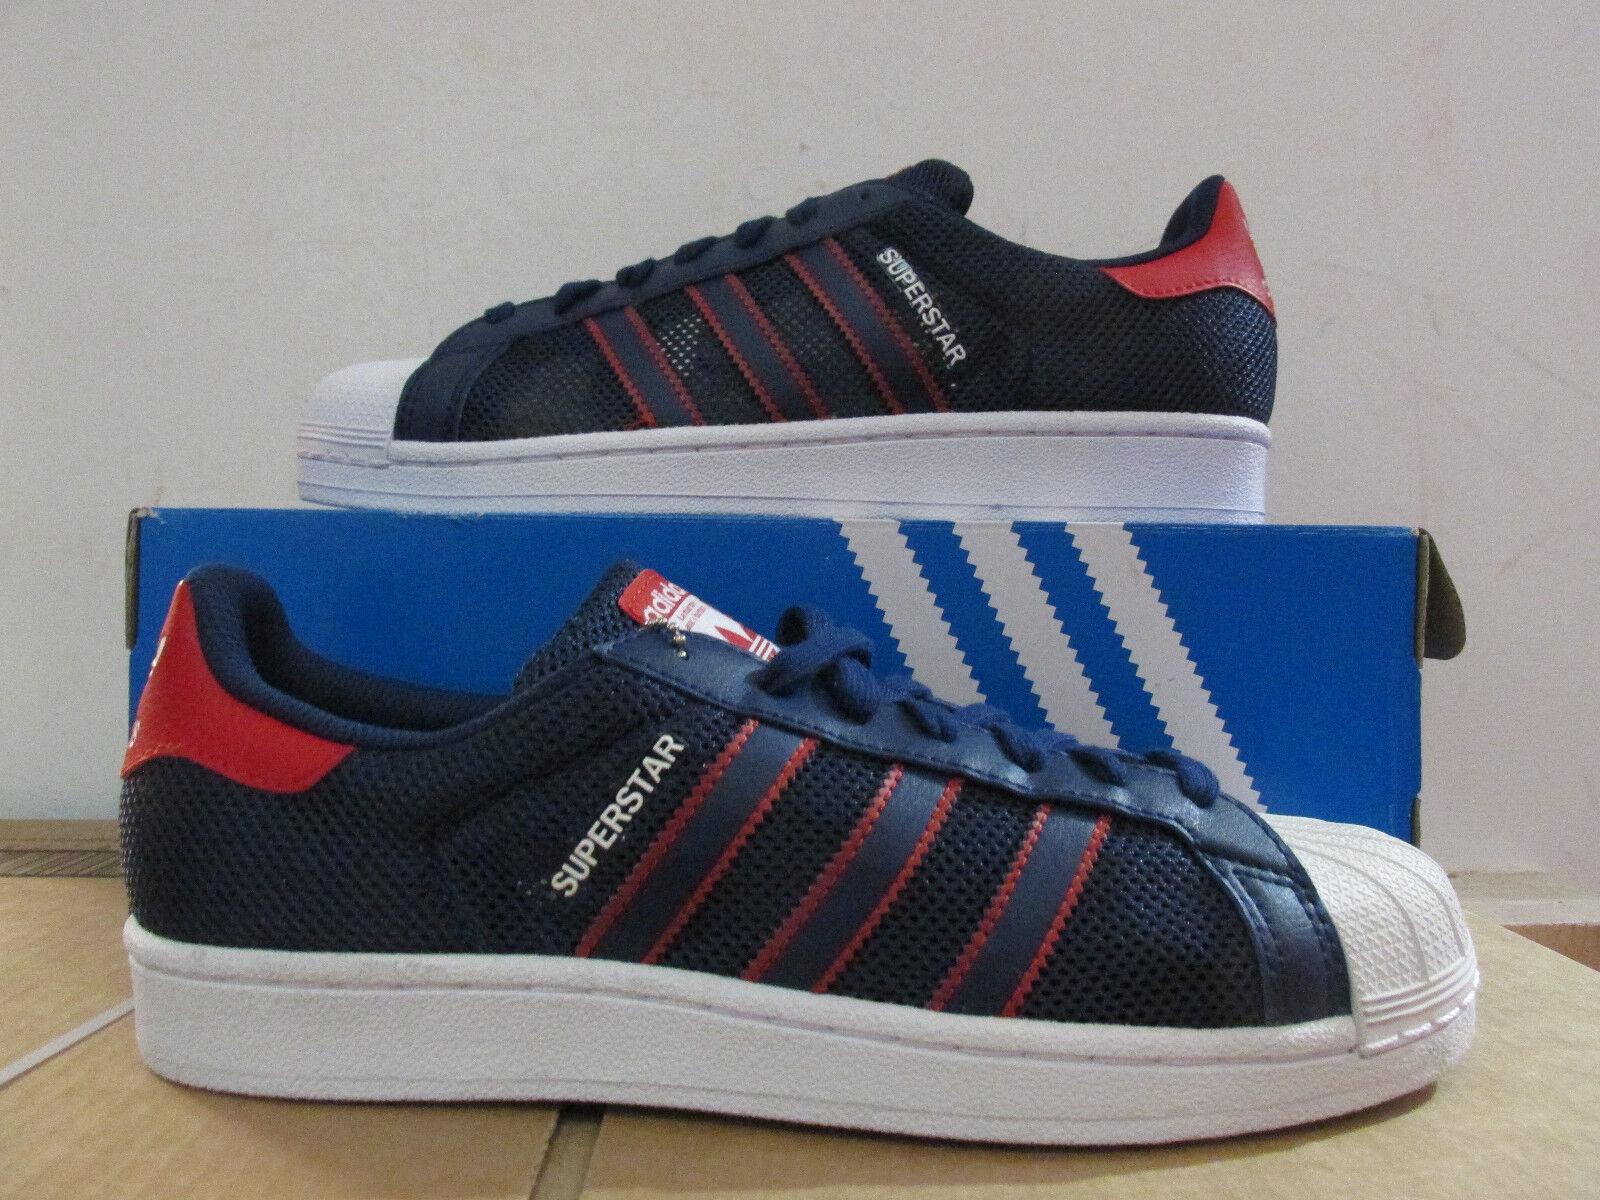 Adidas Adipower Barricade d65694 Blanc Messieurs-Men 's Chaussures de Tennis